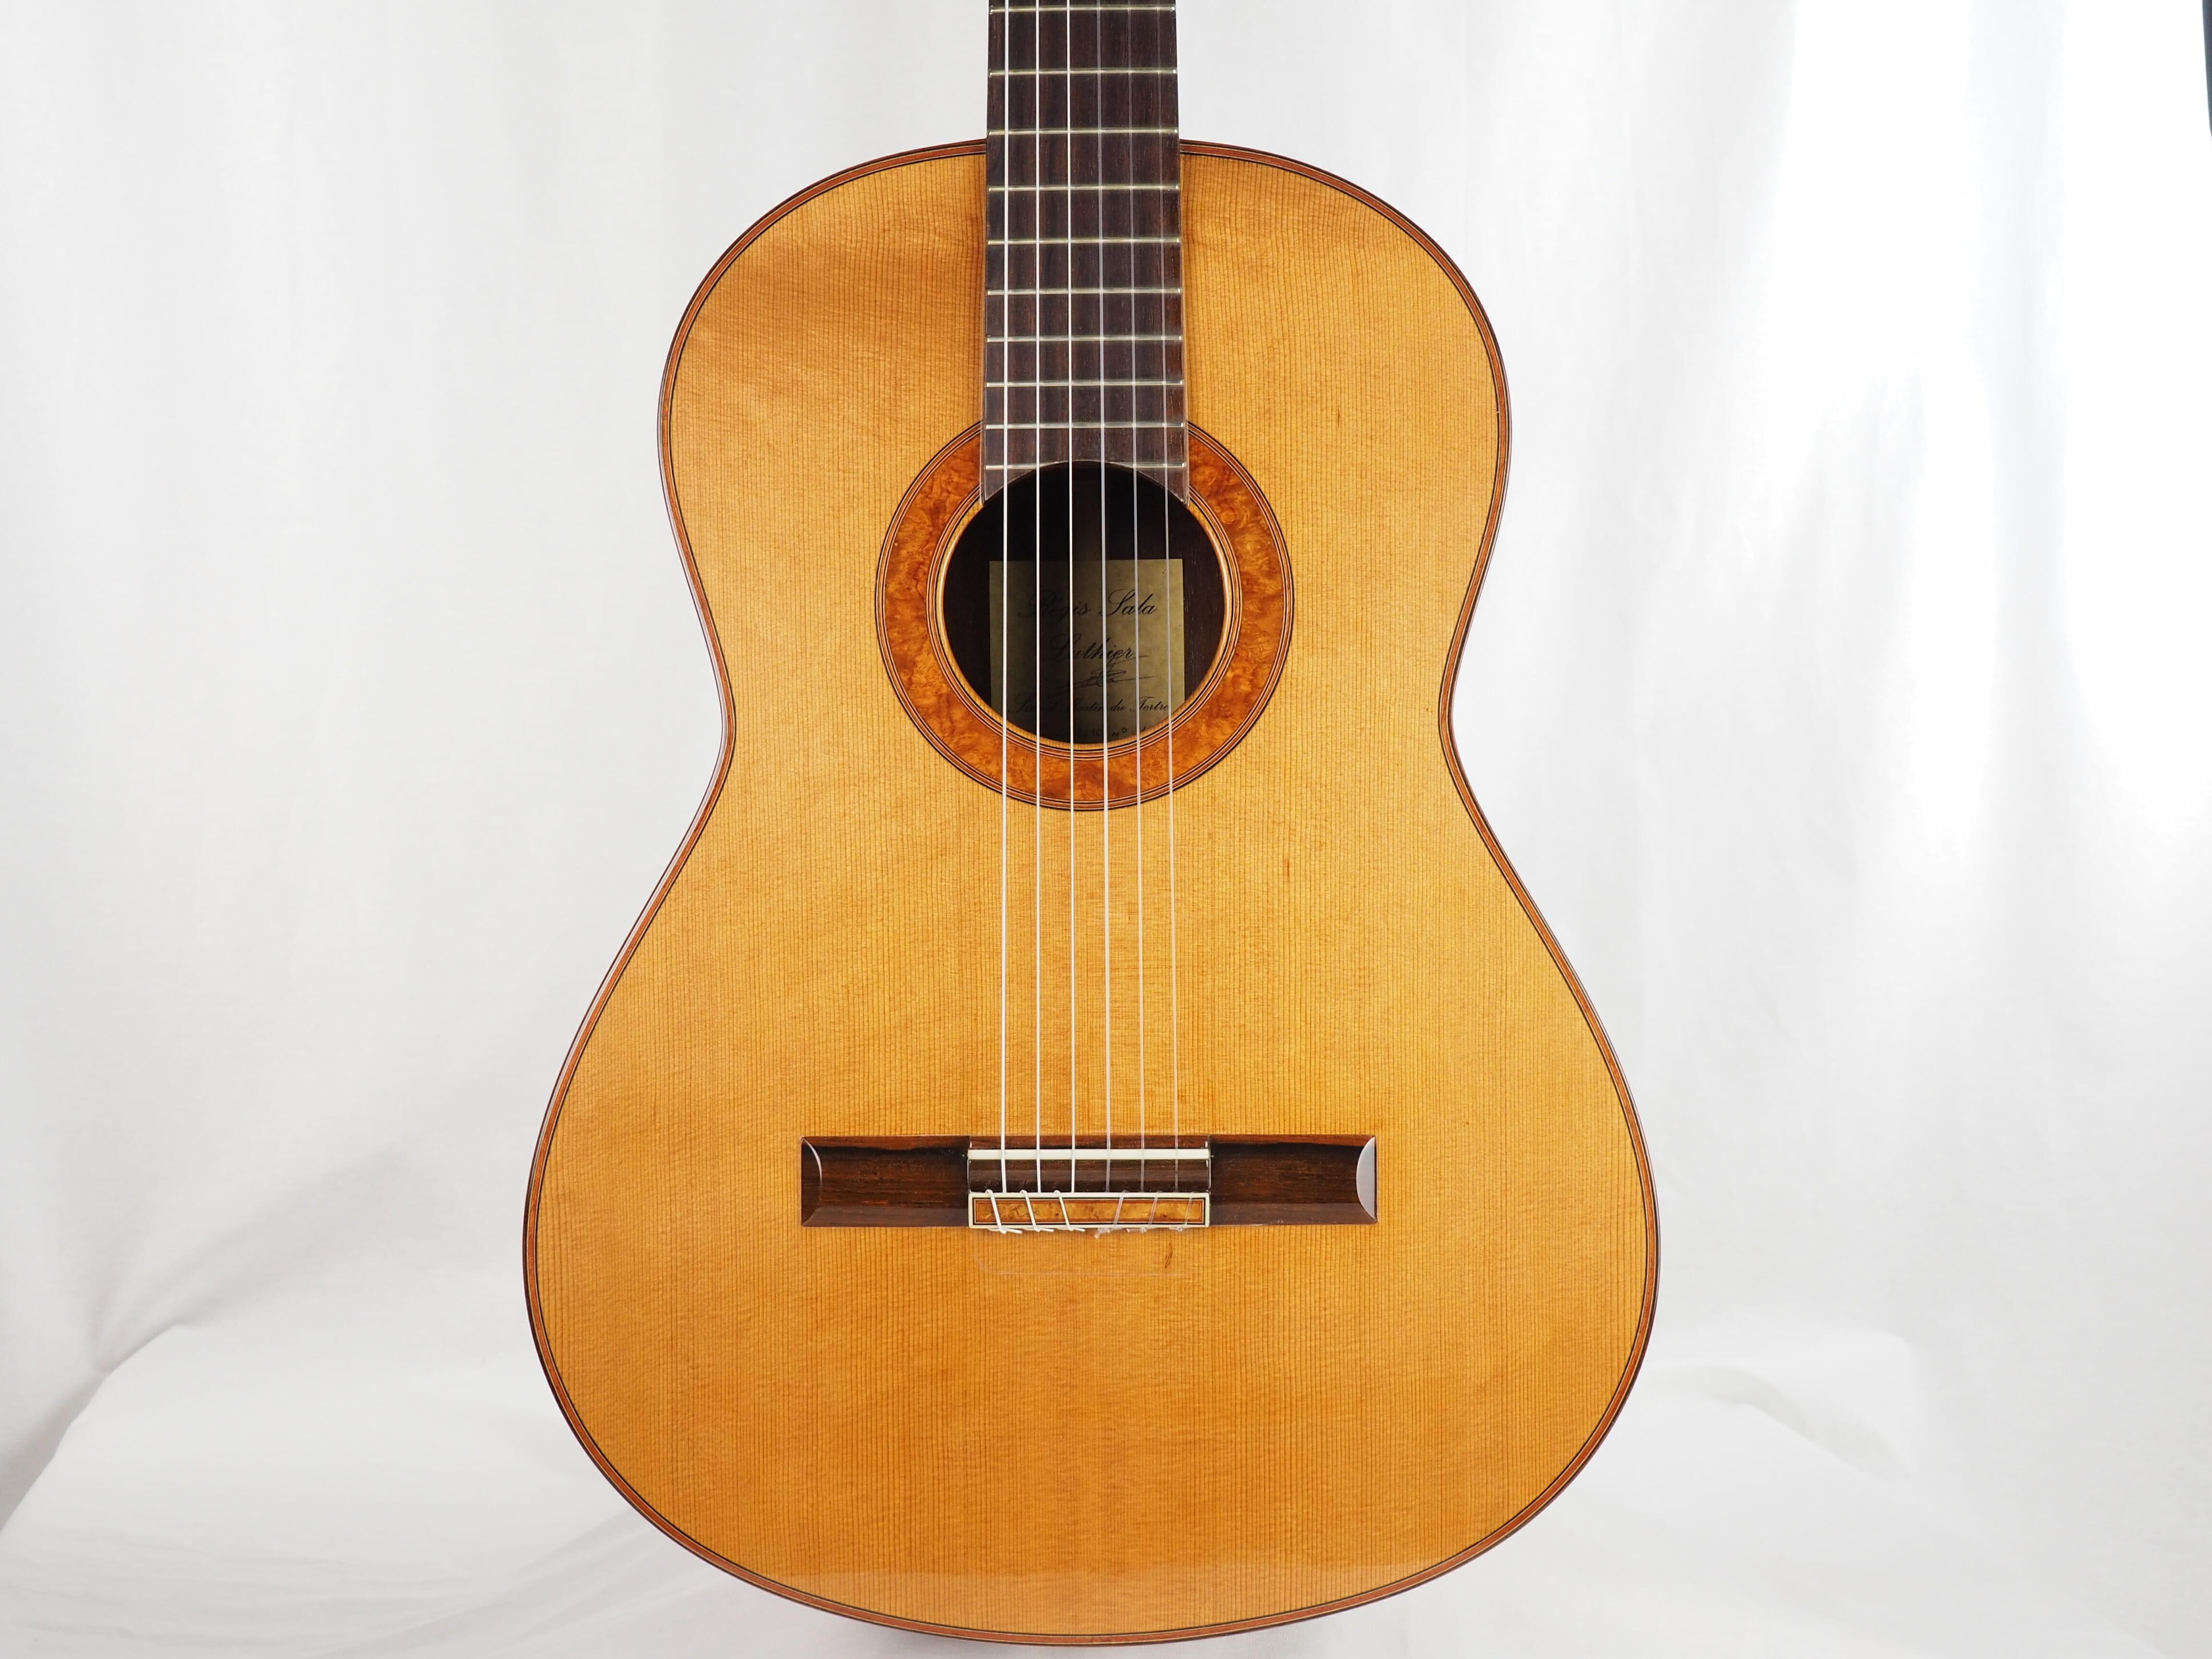 Luthier régis Sala guitare classique Amboine 17SAL017-01